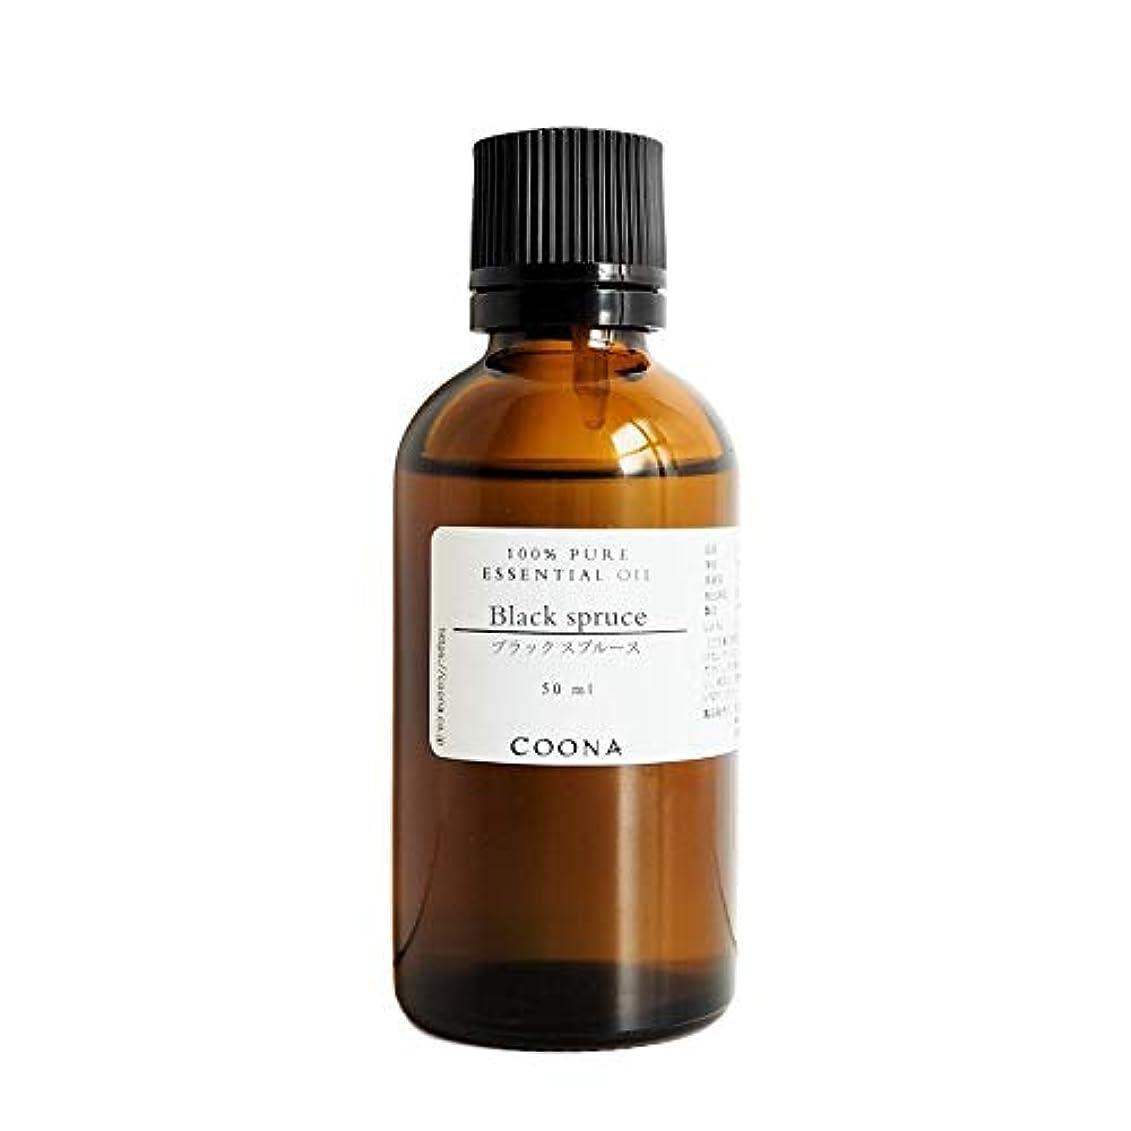 欠如コード敬意ブラックスプルース 50 ml (COONA エッセンシャルオイル アロマオイル 100% 天然植物精油)